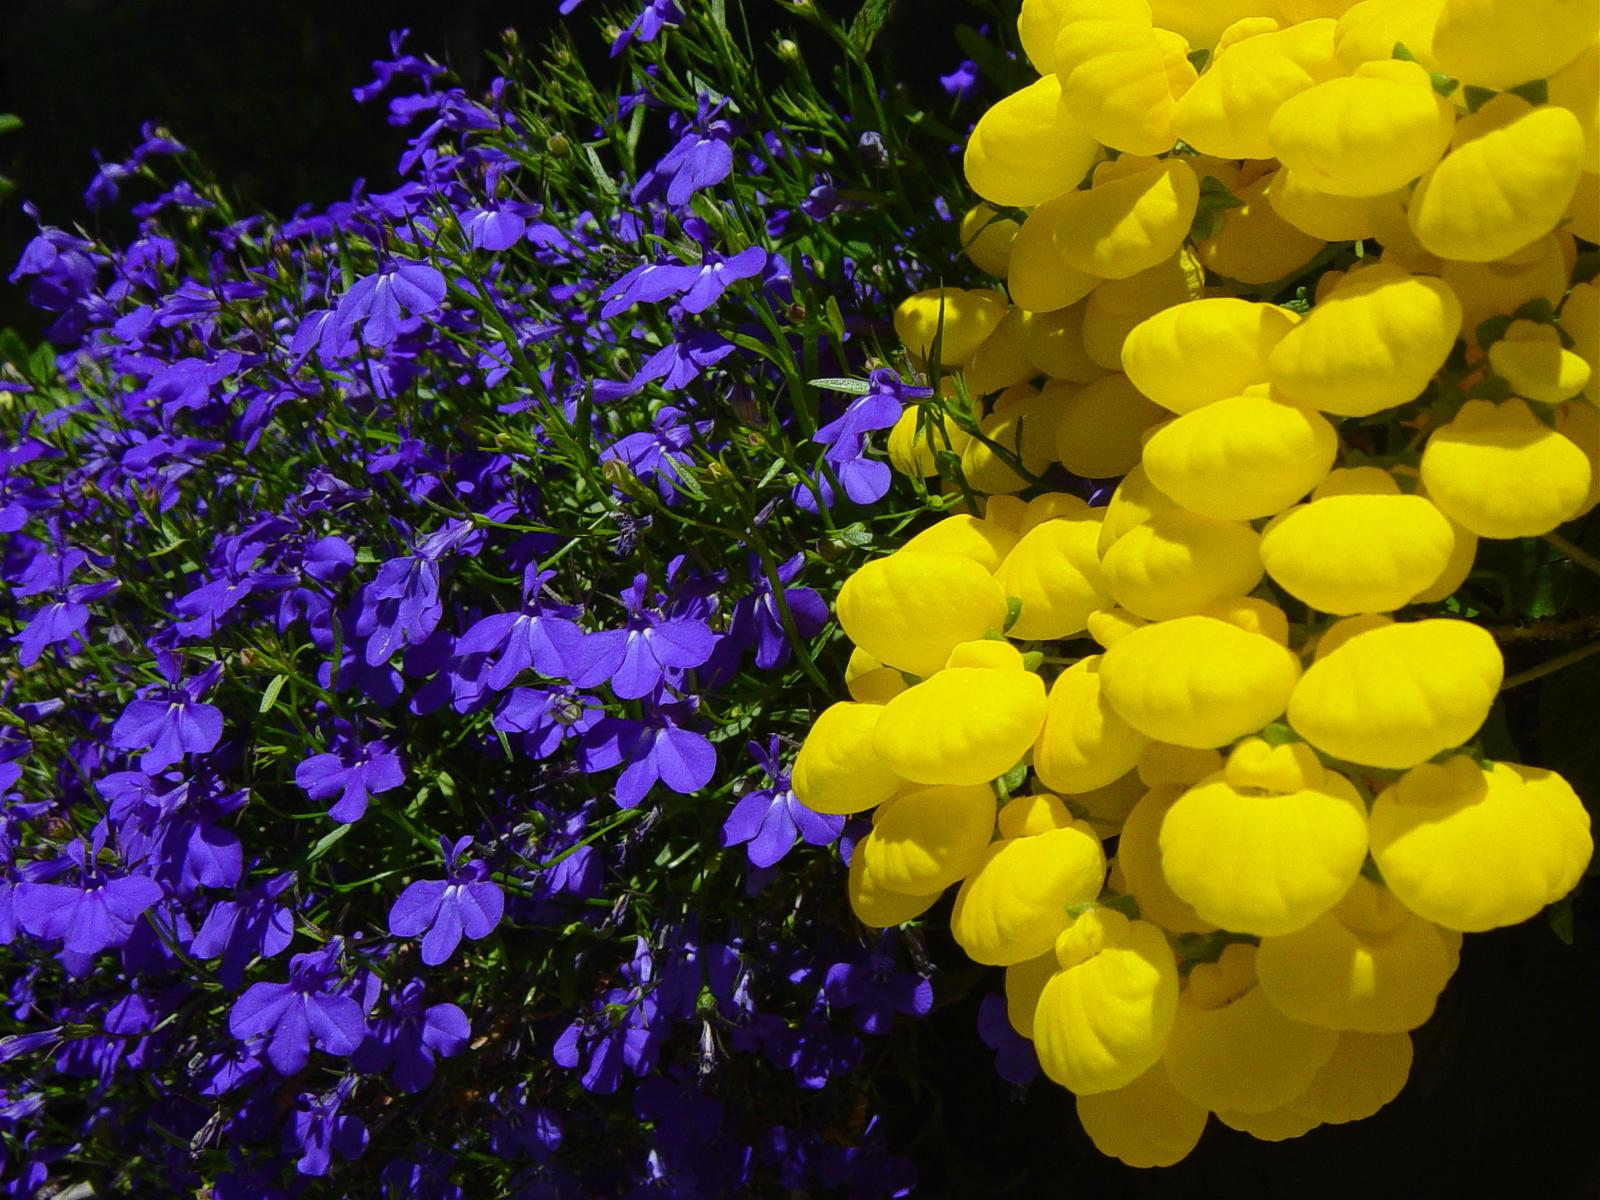 Bocche di leone e violette 1